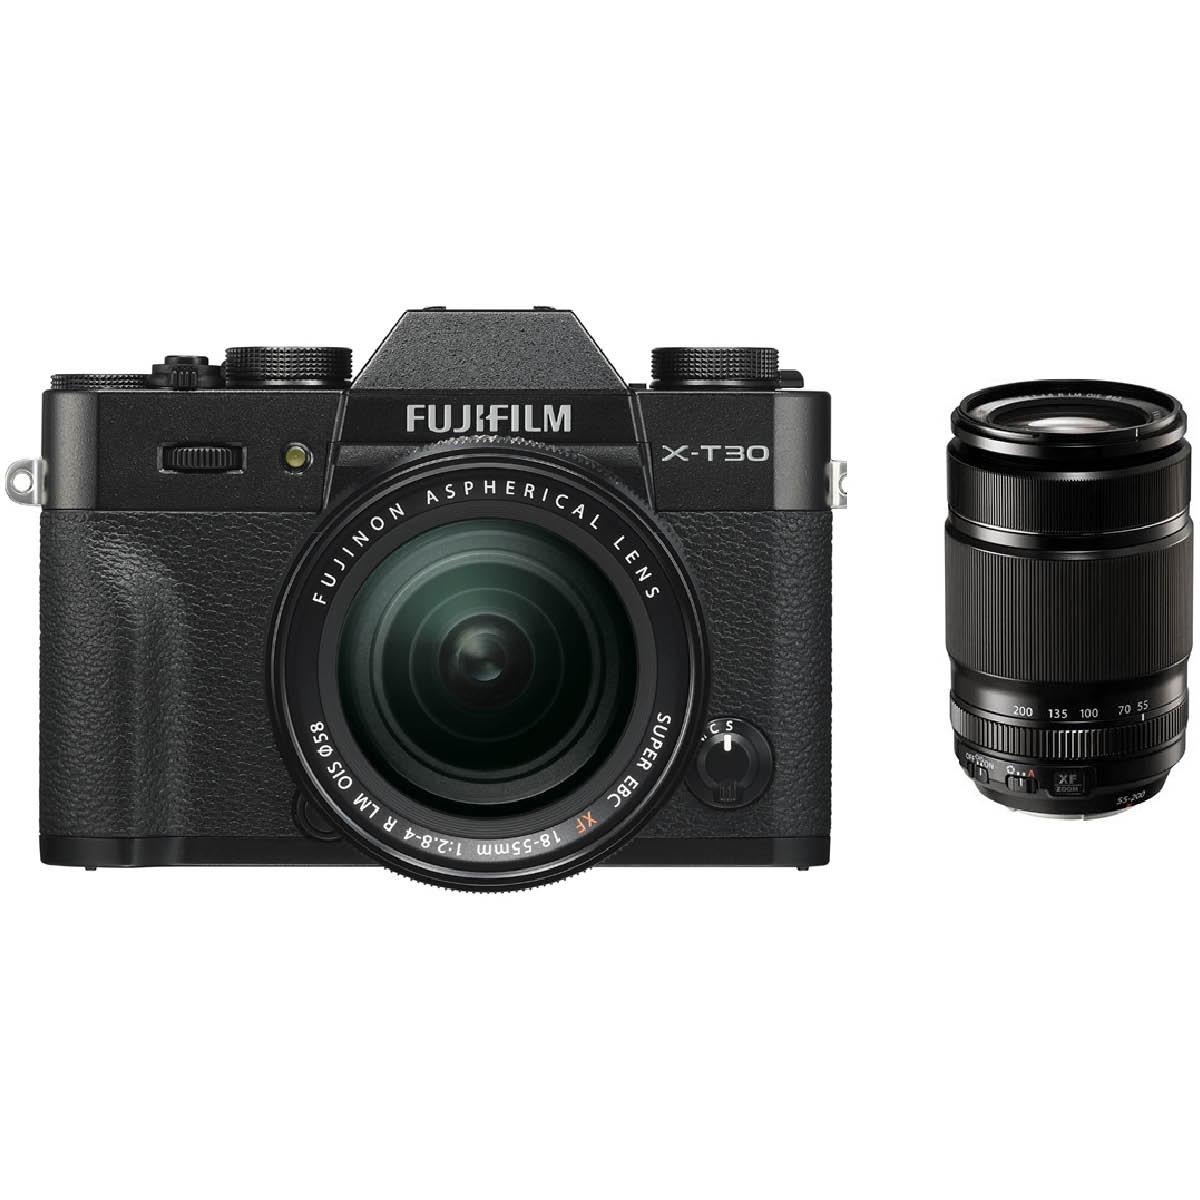 Fujifilm X-T30 Kit mit 18-55 mm 1:2,8-4 + 55-200 mm Schwarz